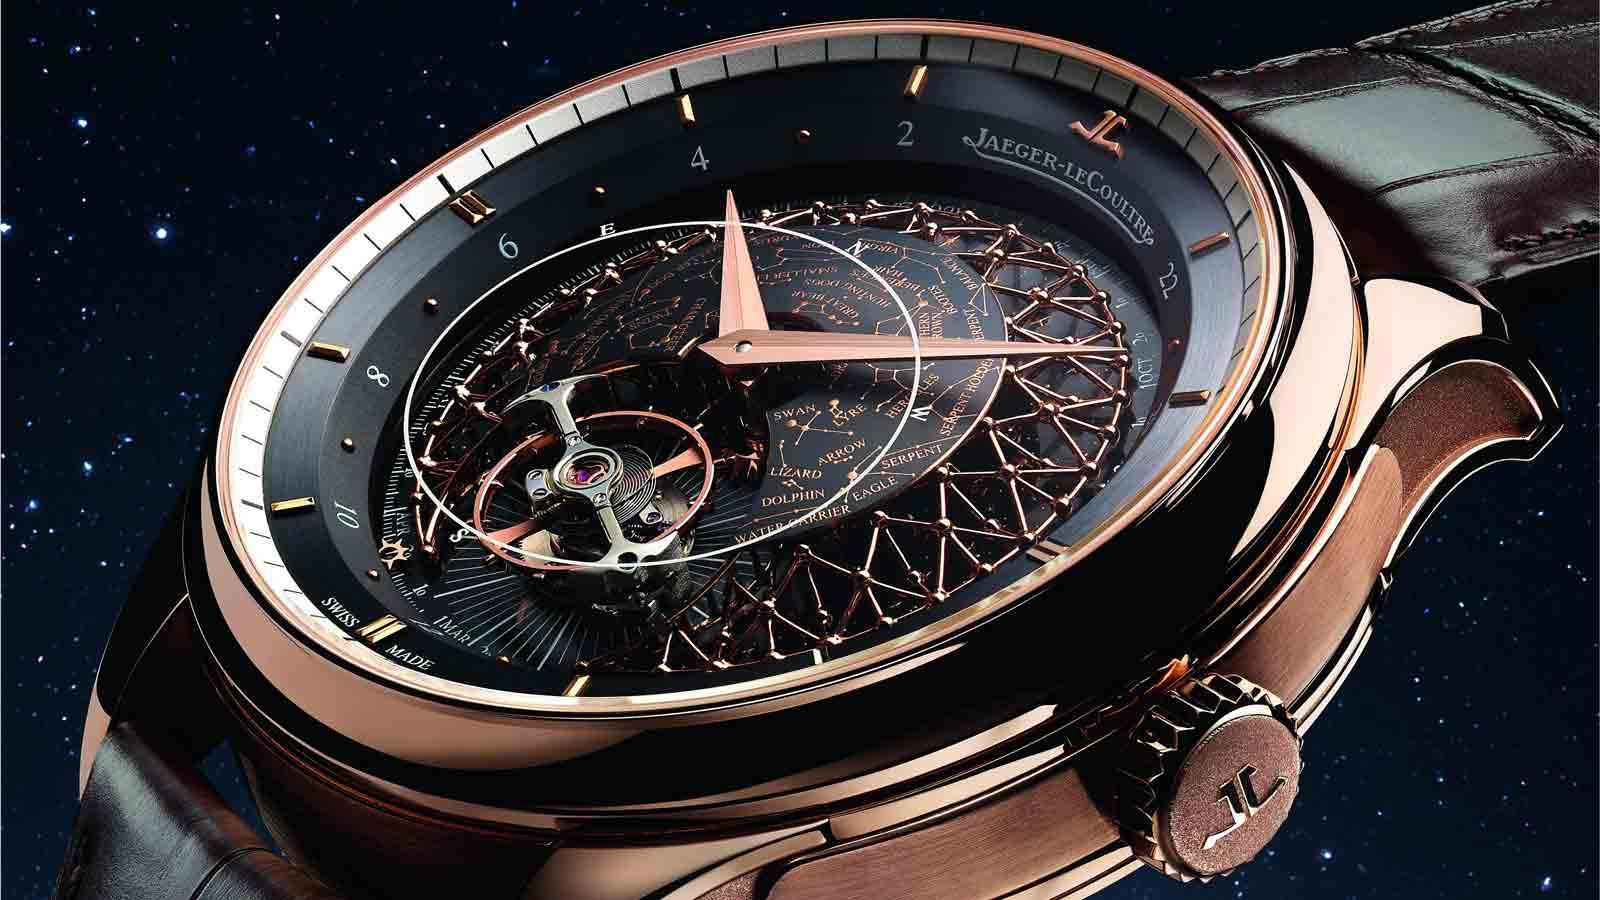 Điểm mặt những cỗ máy thời gian nổi bật không thể bỏ lỡ tại Watches & Wonders 2020